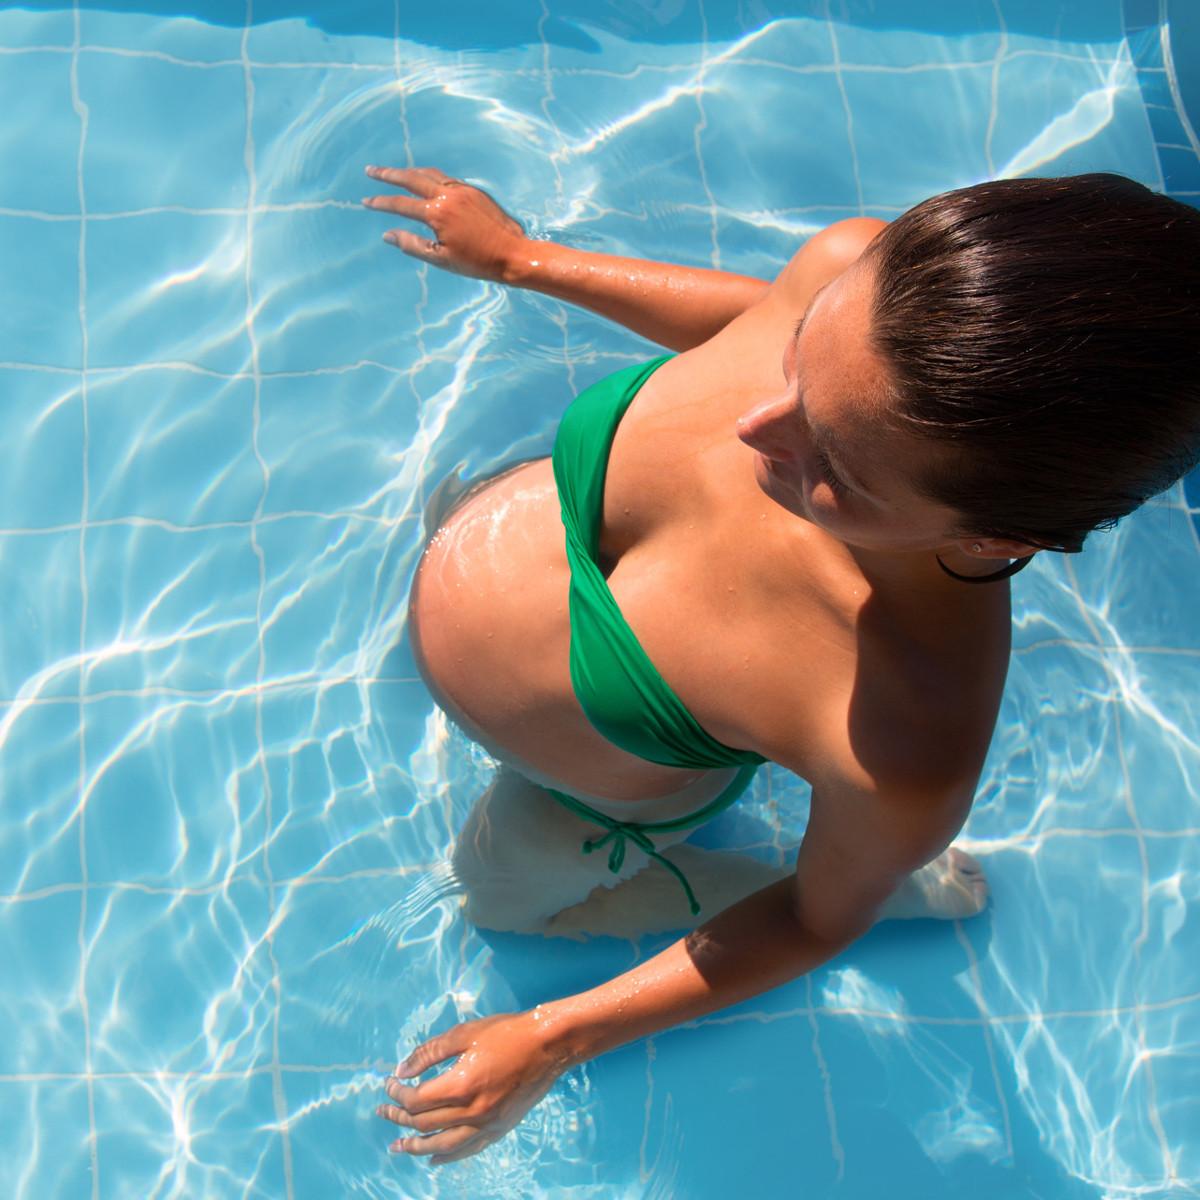 exercicios-durante-a-gravidez-beneficios-modalidades-e-cuidados-necessarios-hidroginastica